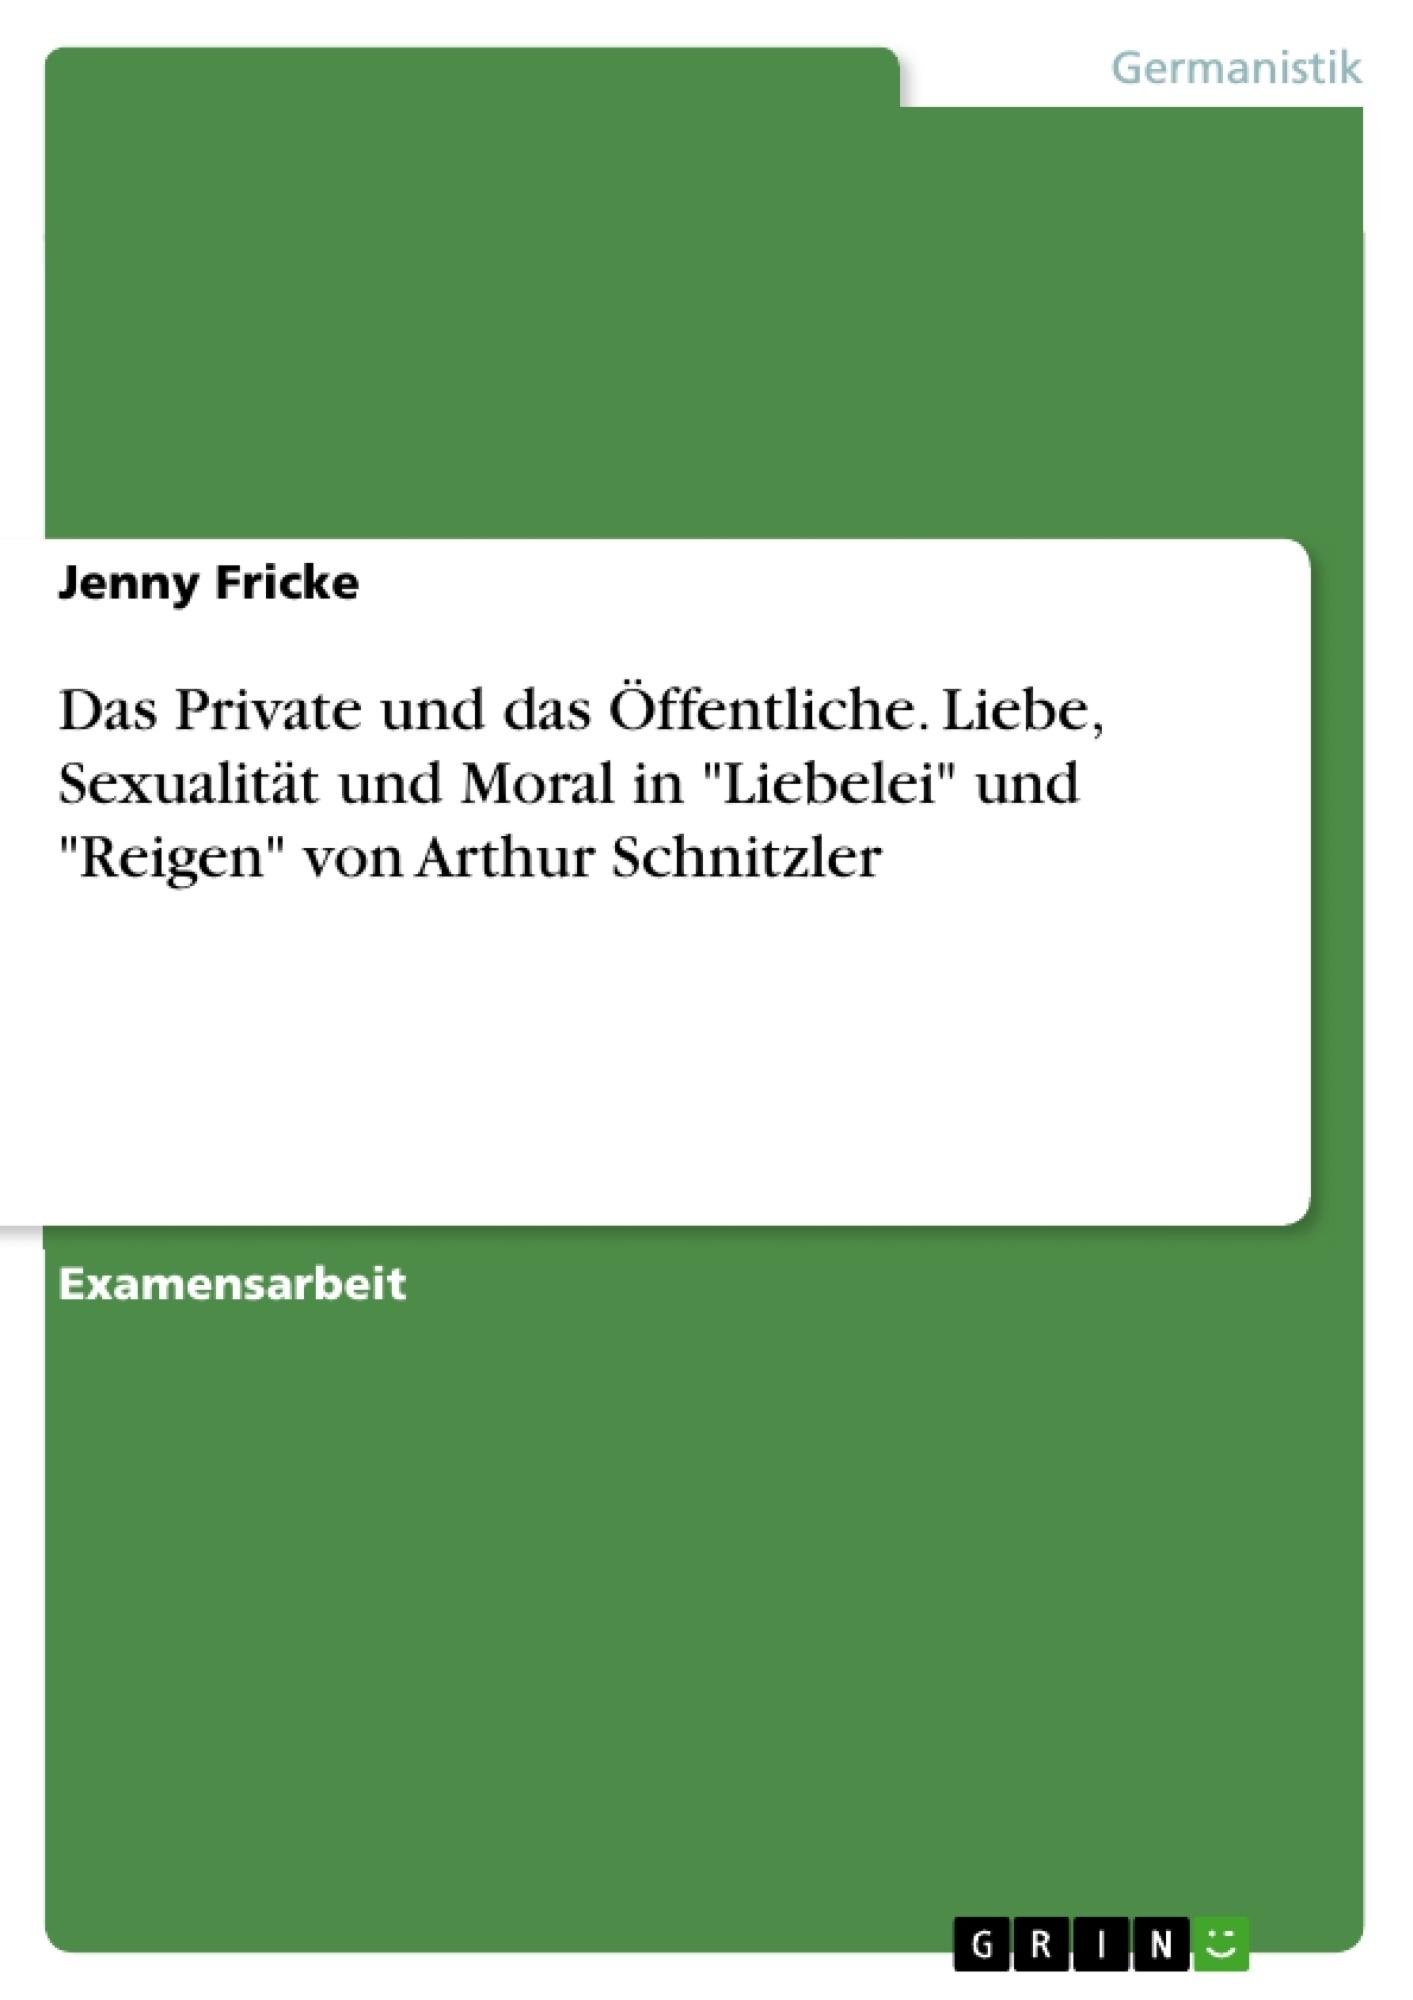 """Titel: Das Private und das Öffentliche. Liebe, Sexualität und Moral in """"Liebelei"""" und """"Reigen"""" von Arthur Schnitzler"""